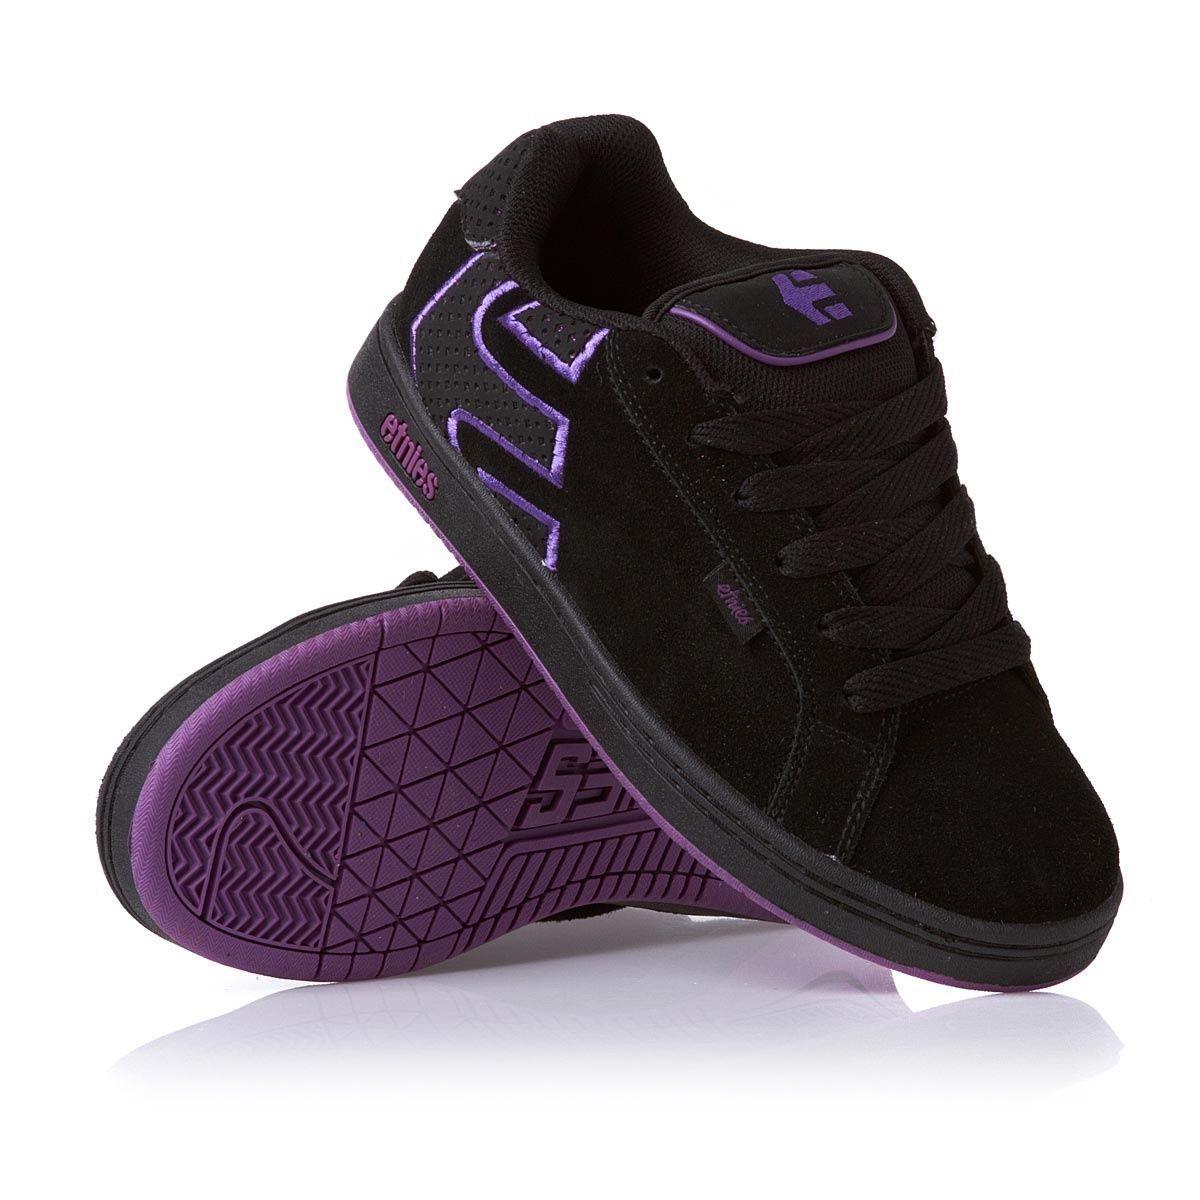 etnies womens skate shoes sk8ter skate